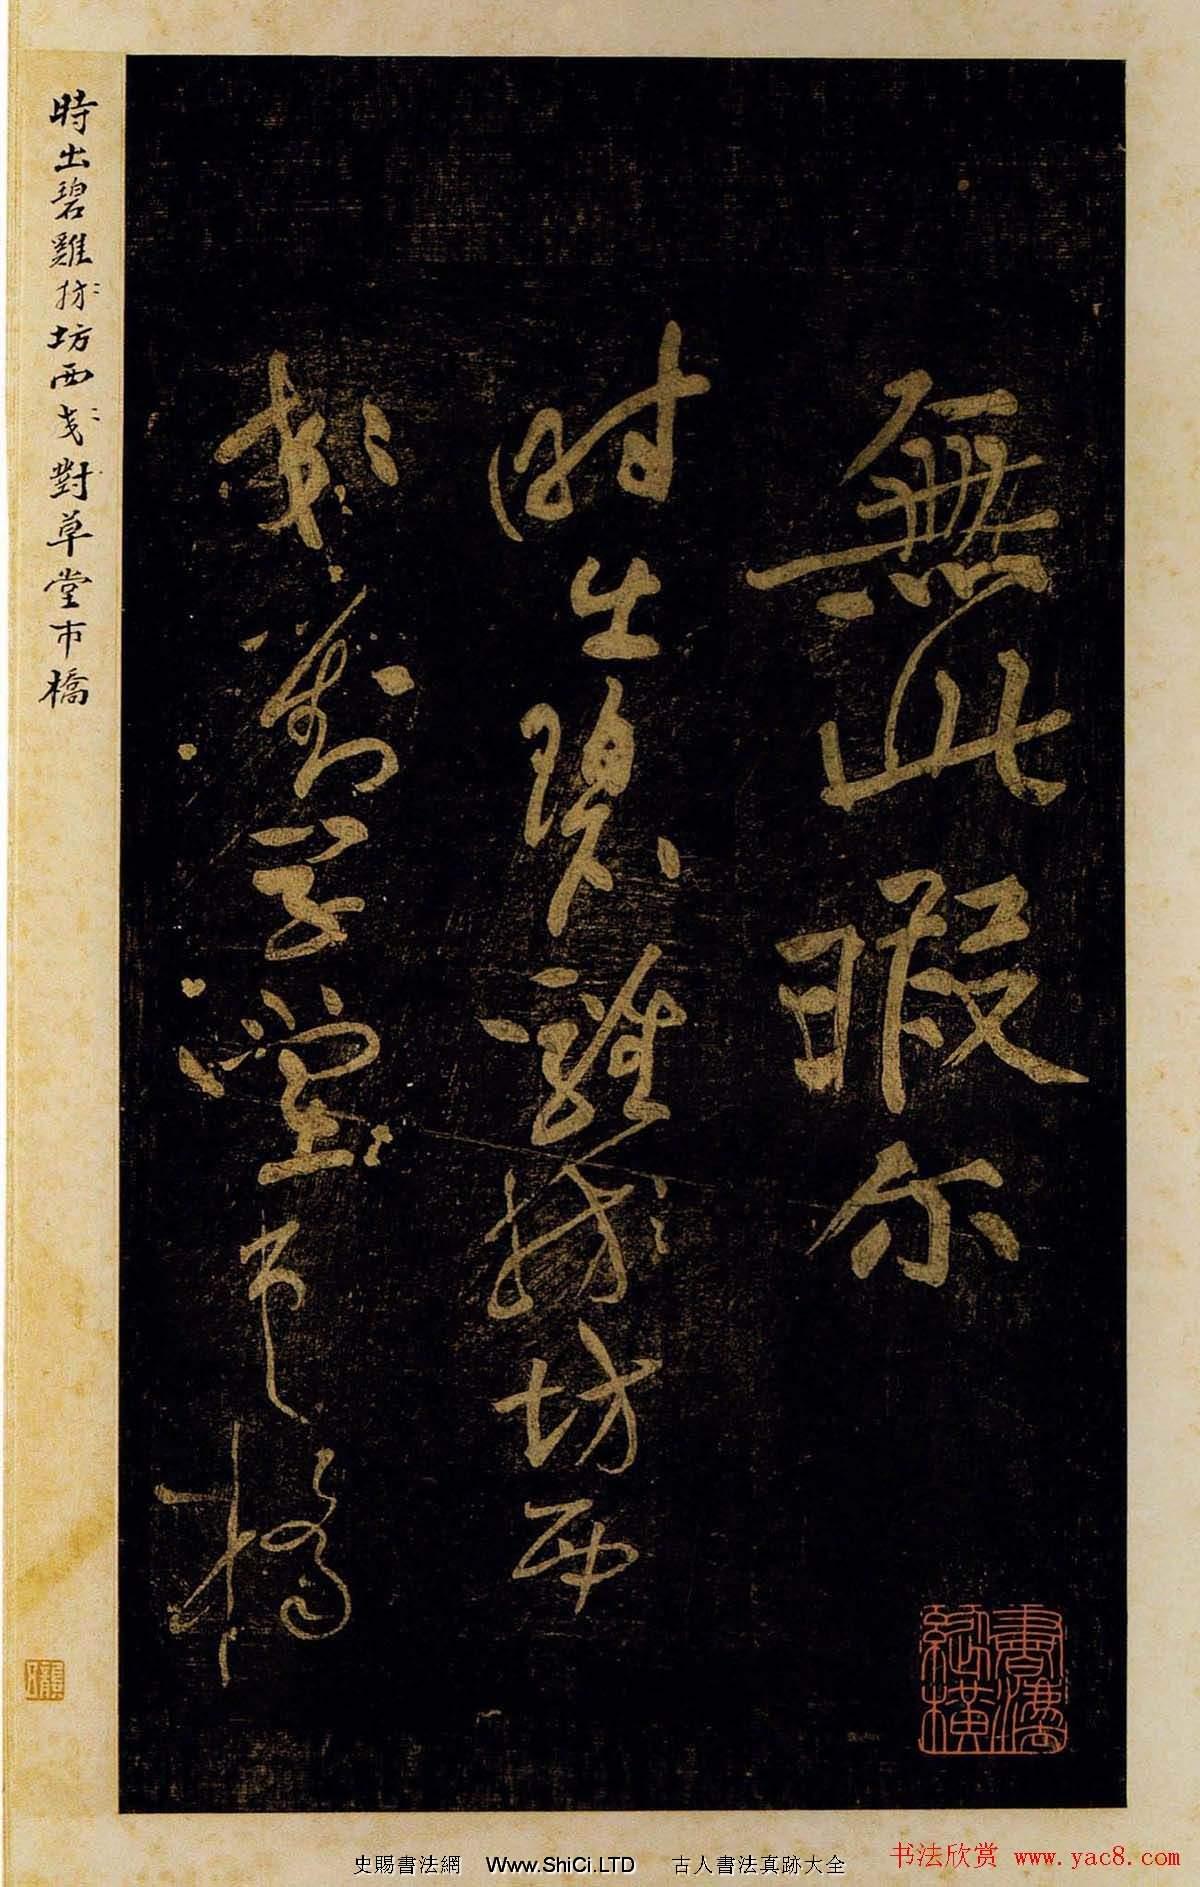 黃庭堅書法草書真跡欣賞《杜甫詩三首》(共13張圖片)